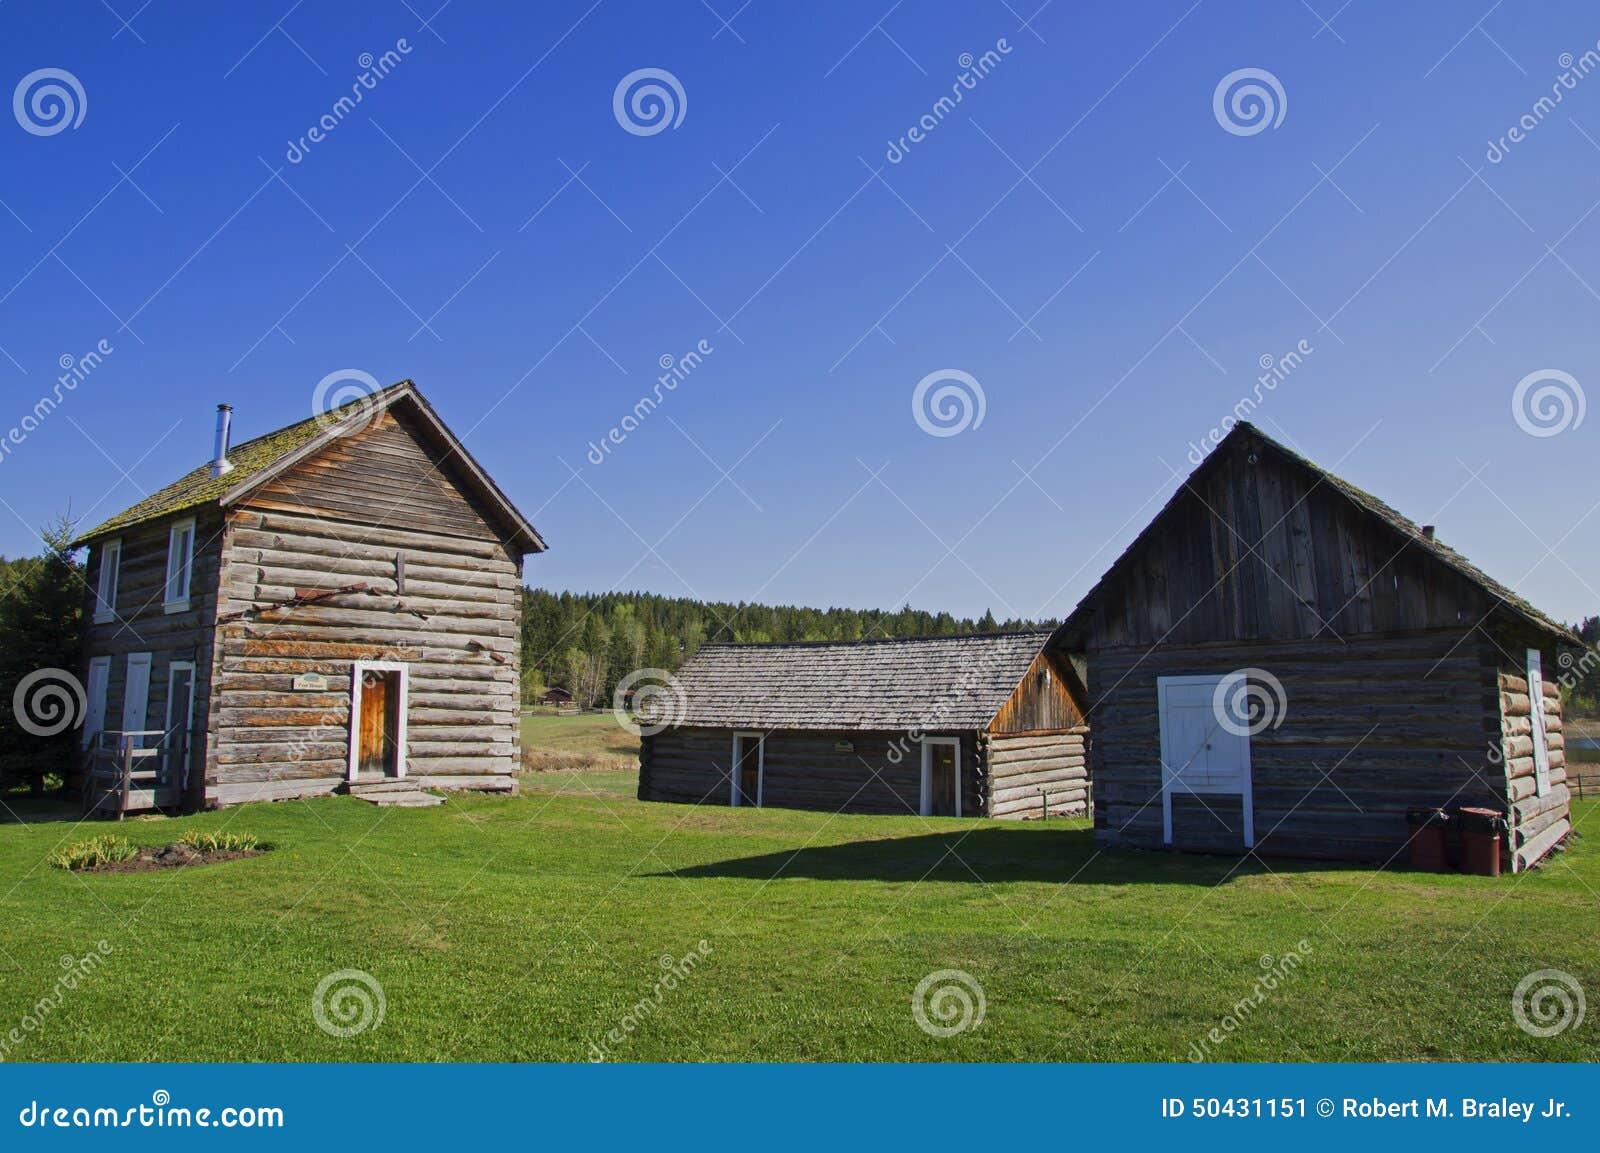 Vintage Log cabin house